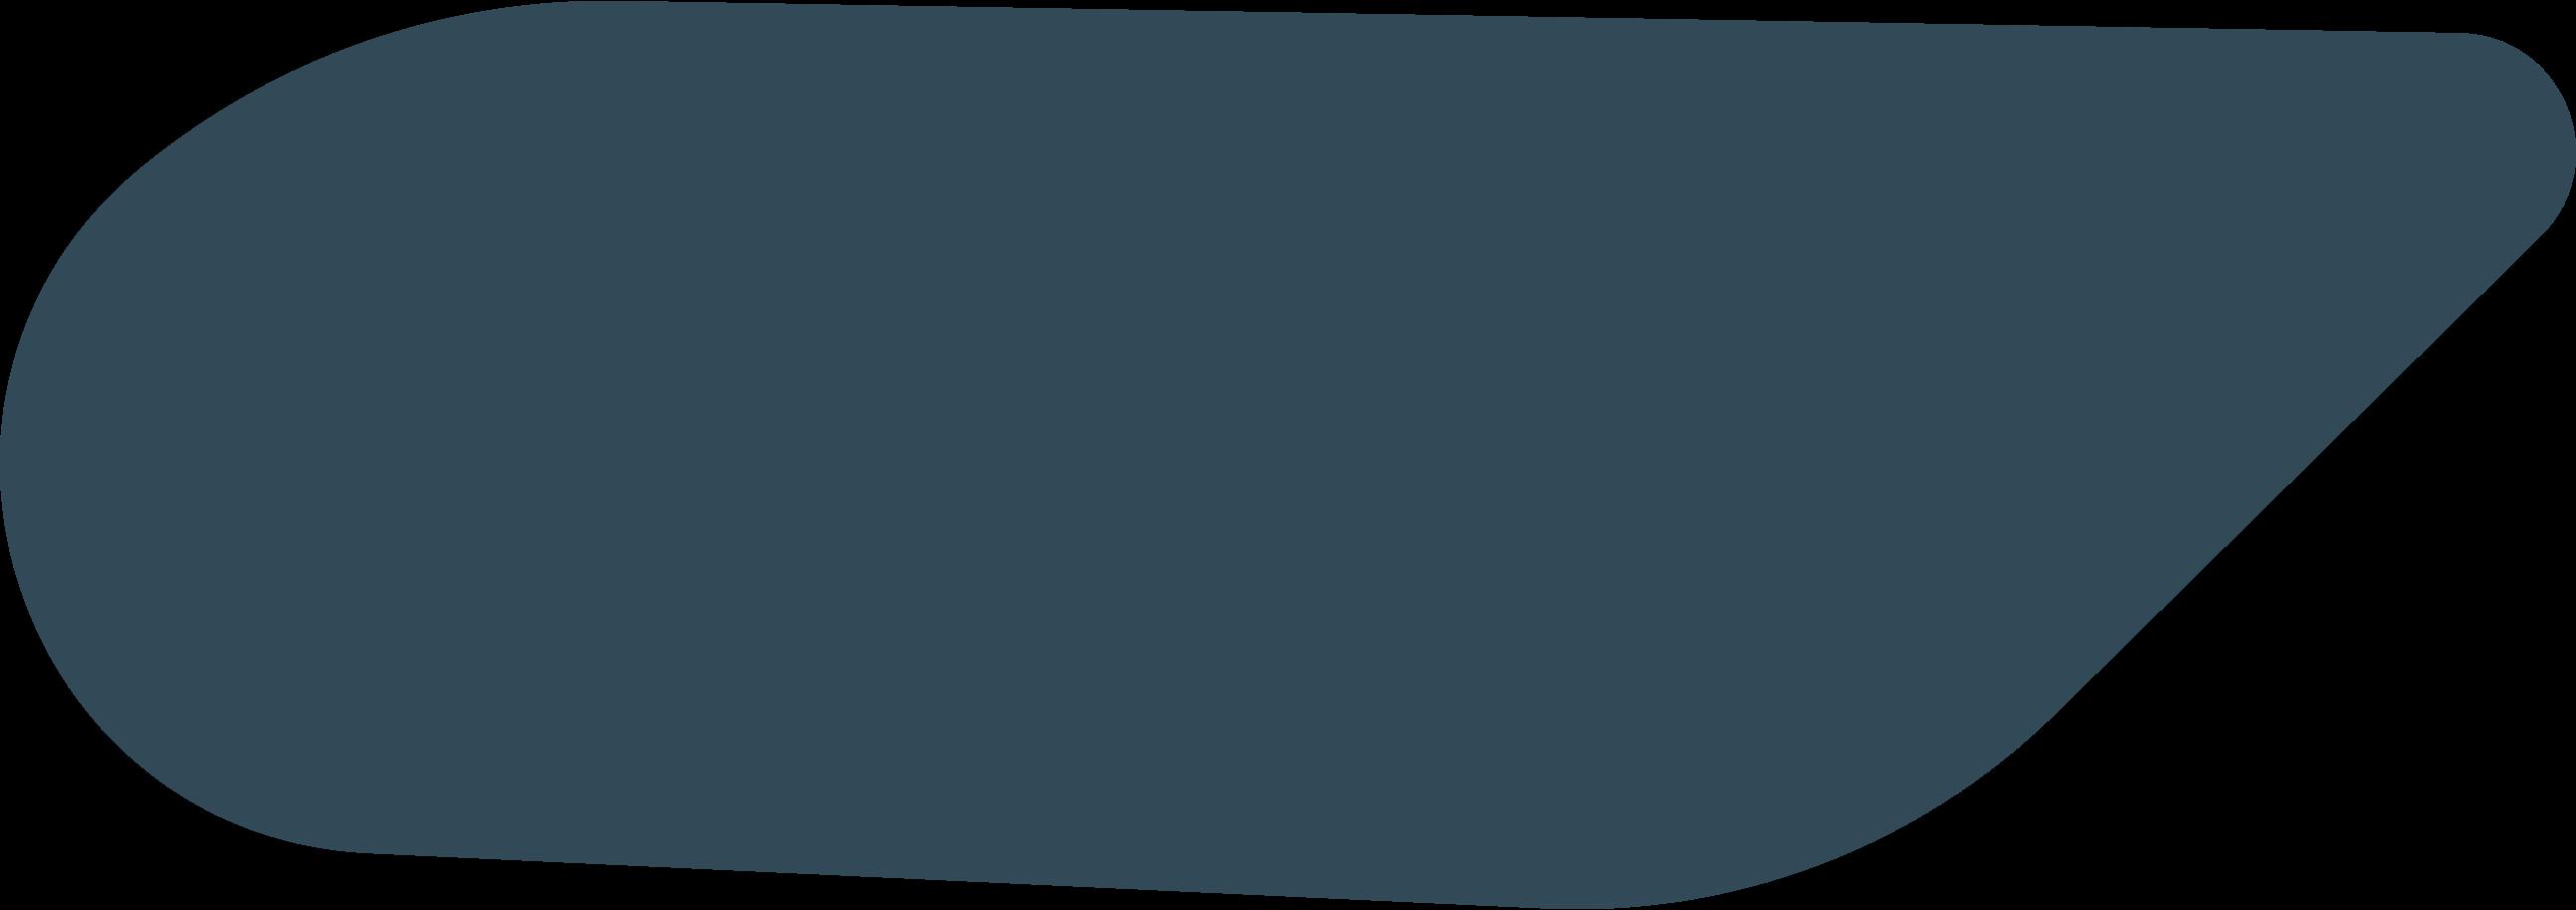 desk Clipart illustration in PNG, SVG